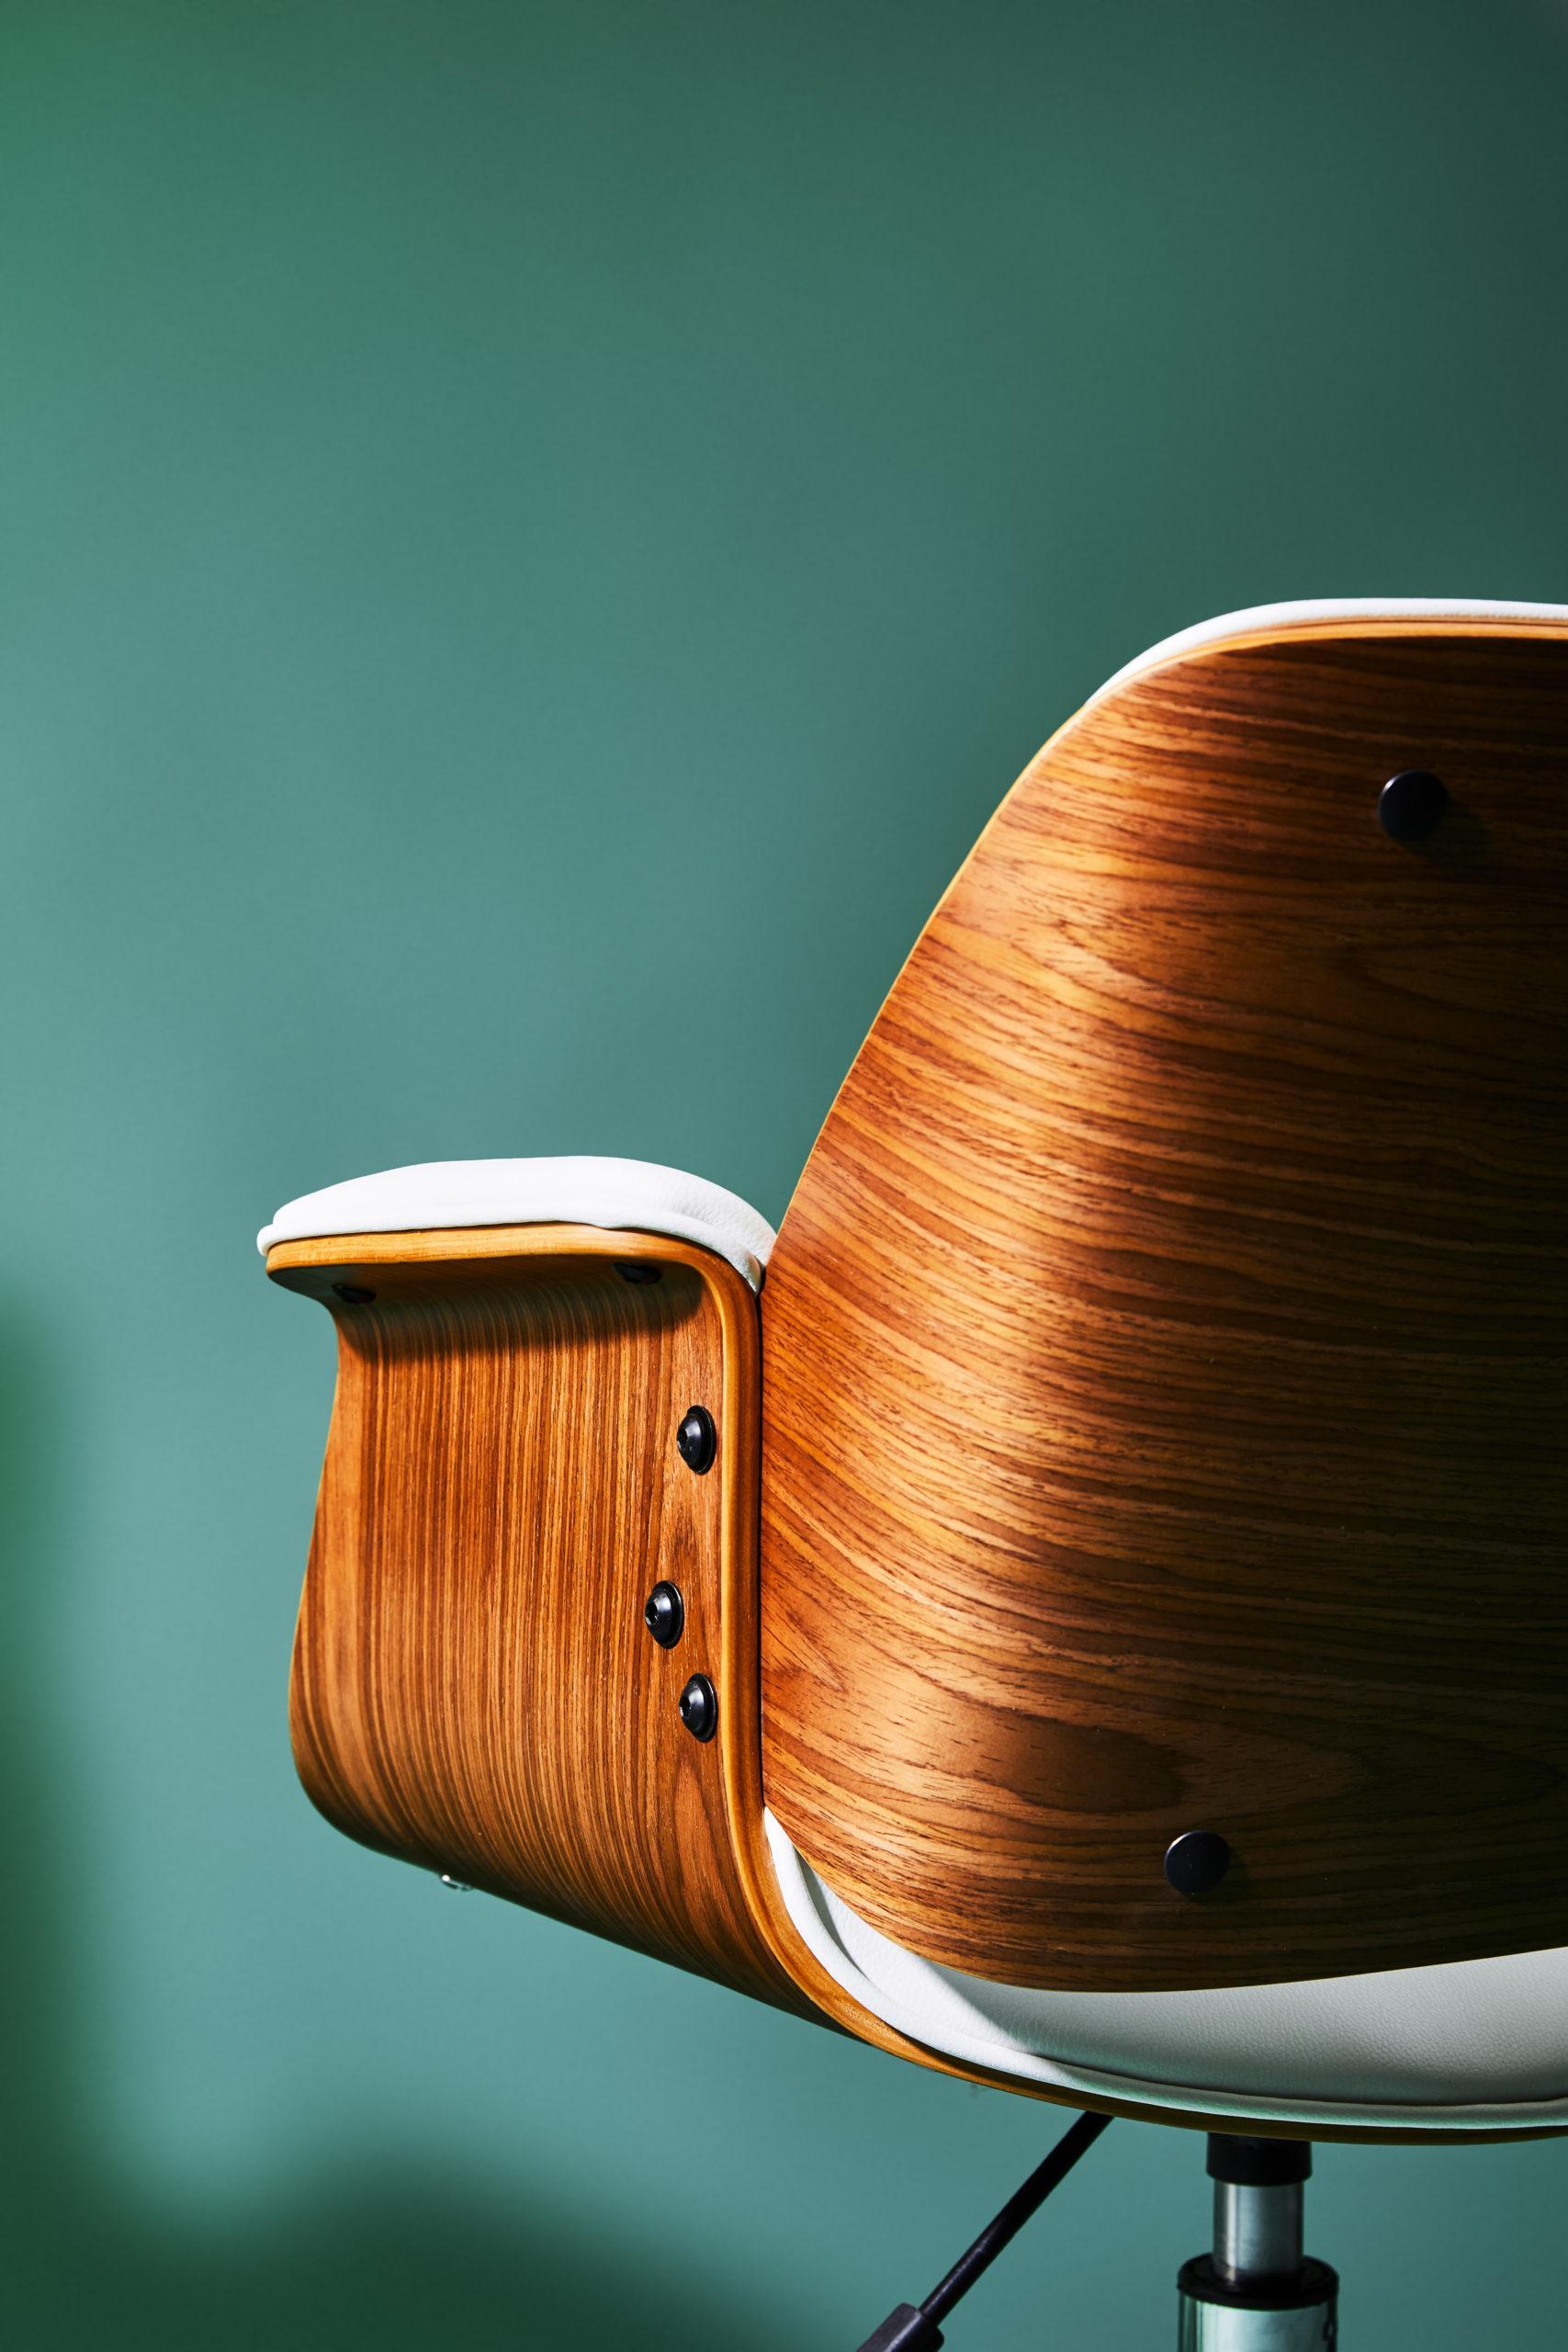 houten stoel met blauwe achtergrond